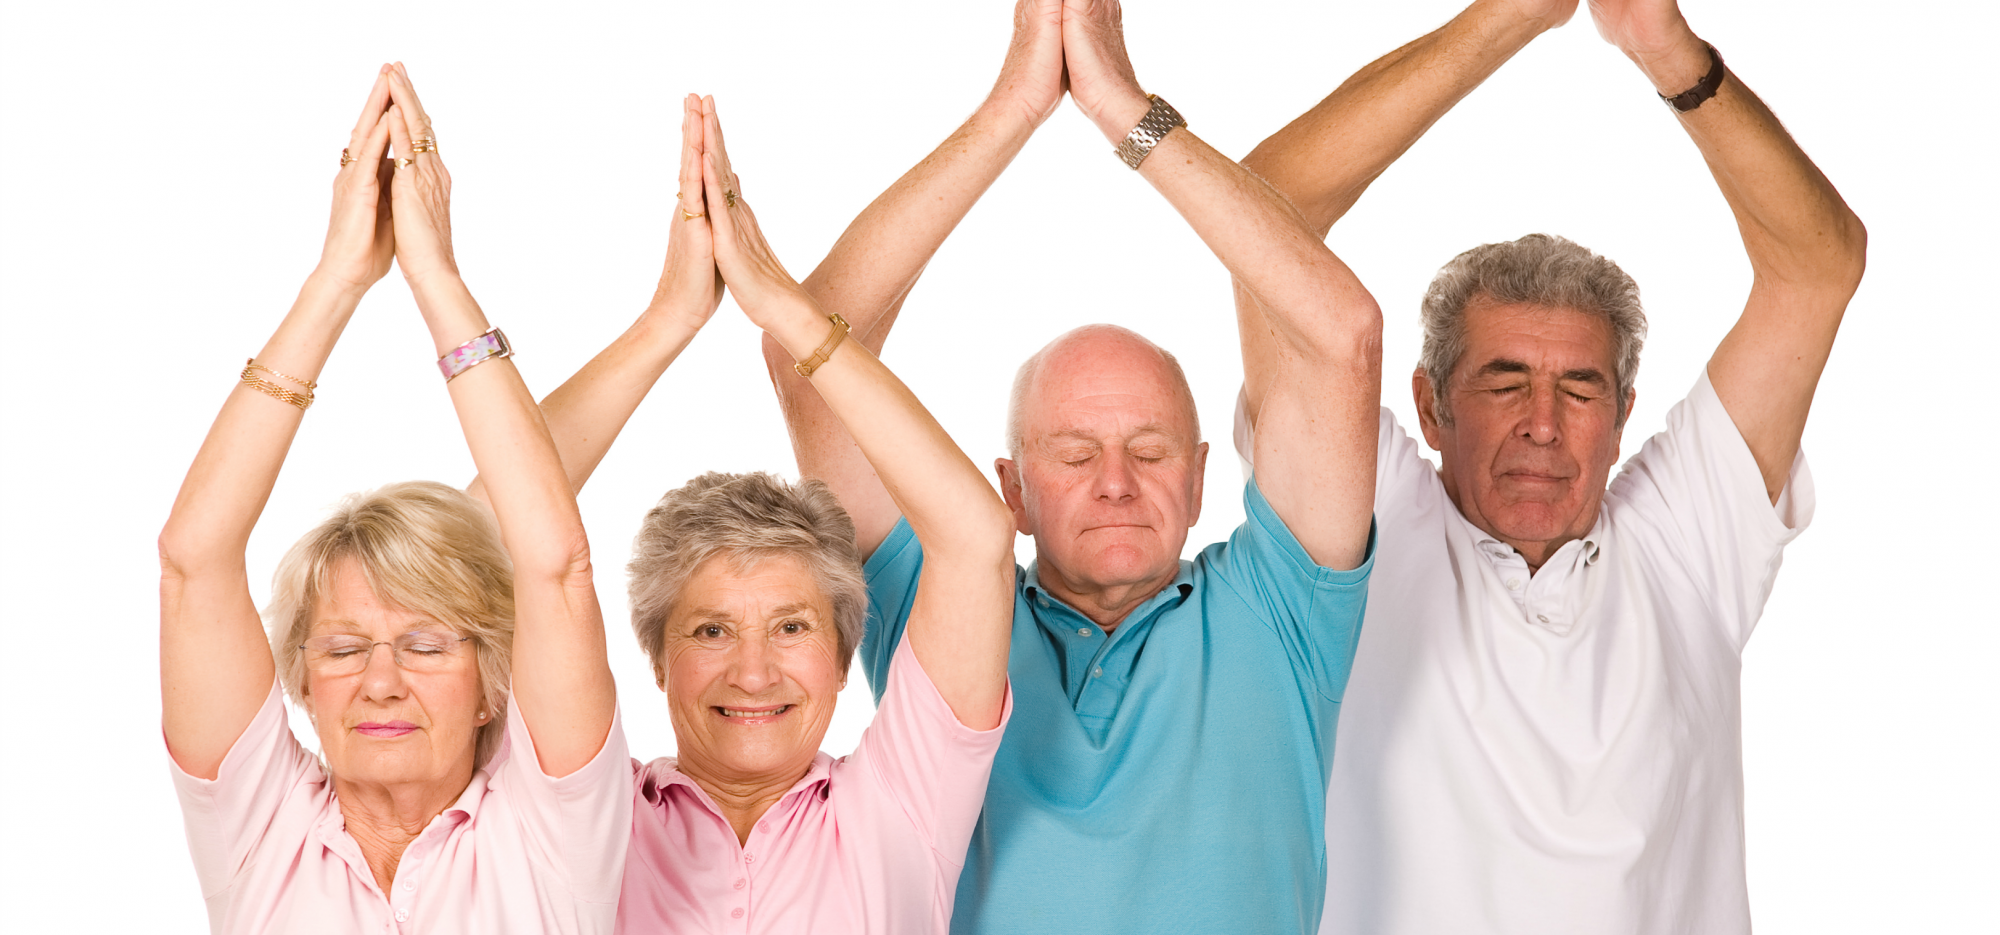 ismerd időseknek